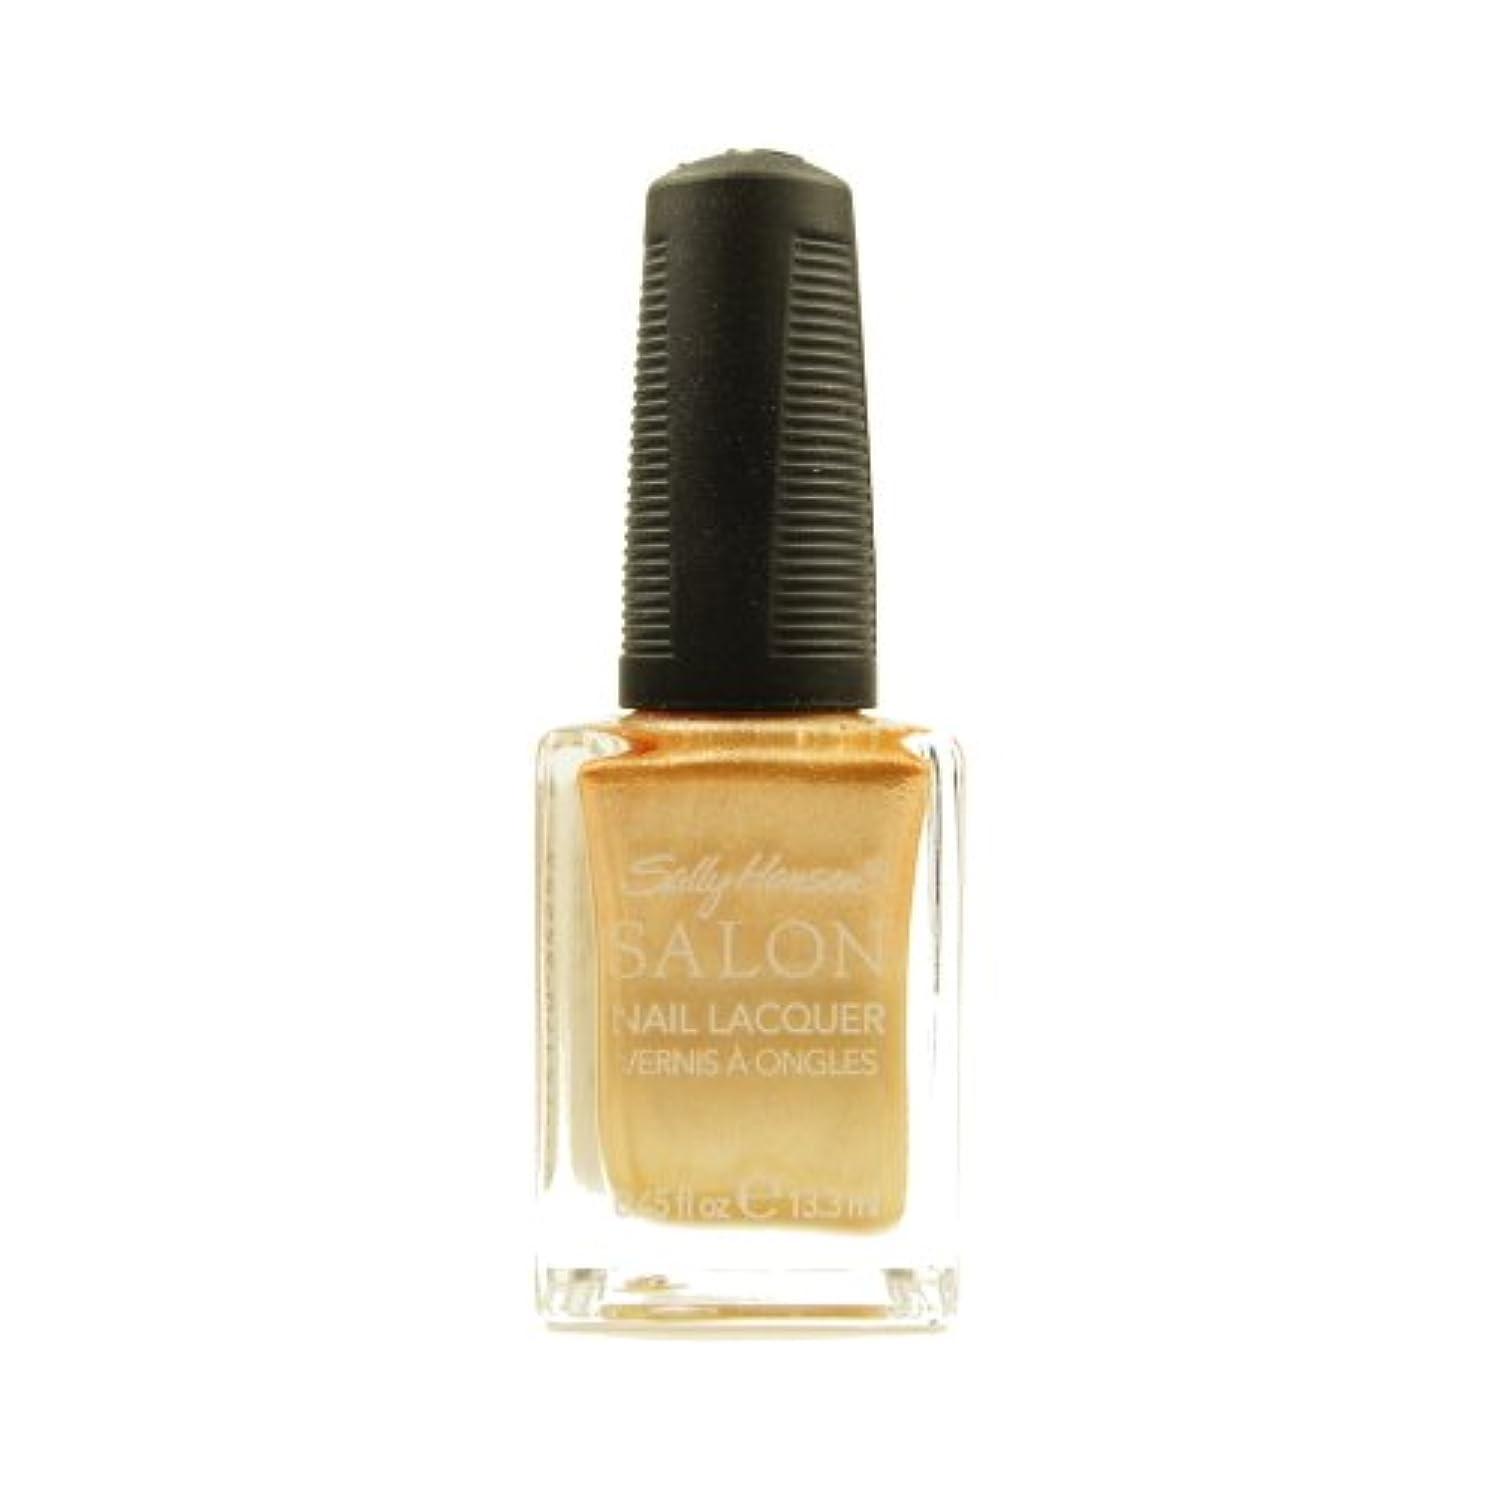 お勧め望む書士(6 Pack) SALLY HANSEN Salon Nail Lacquer 4134 - Gilty Pleasure (並行輸入品)